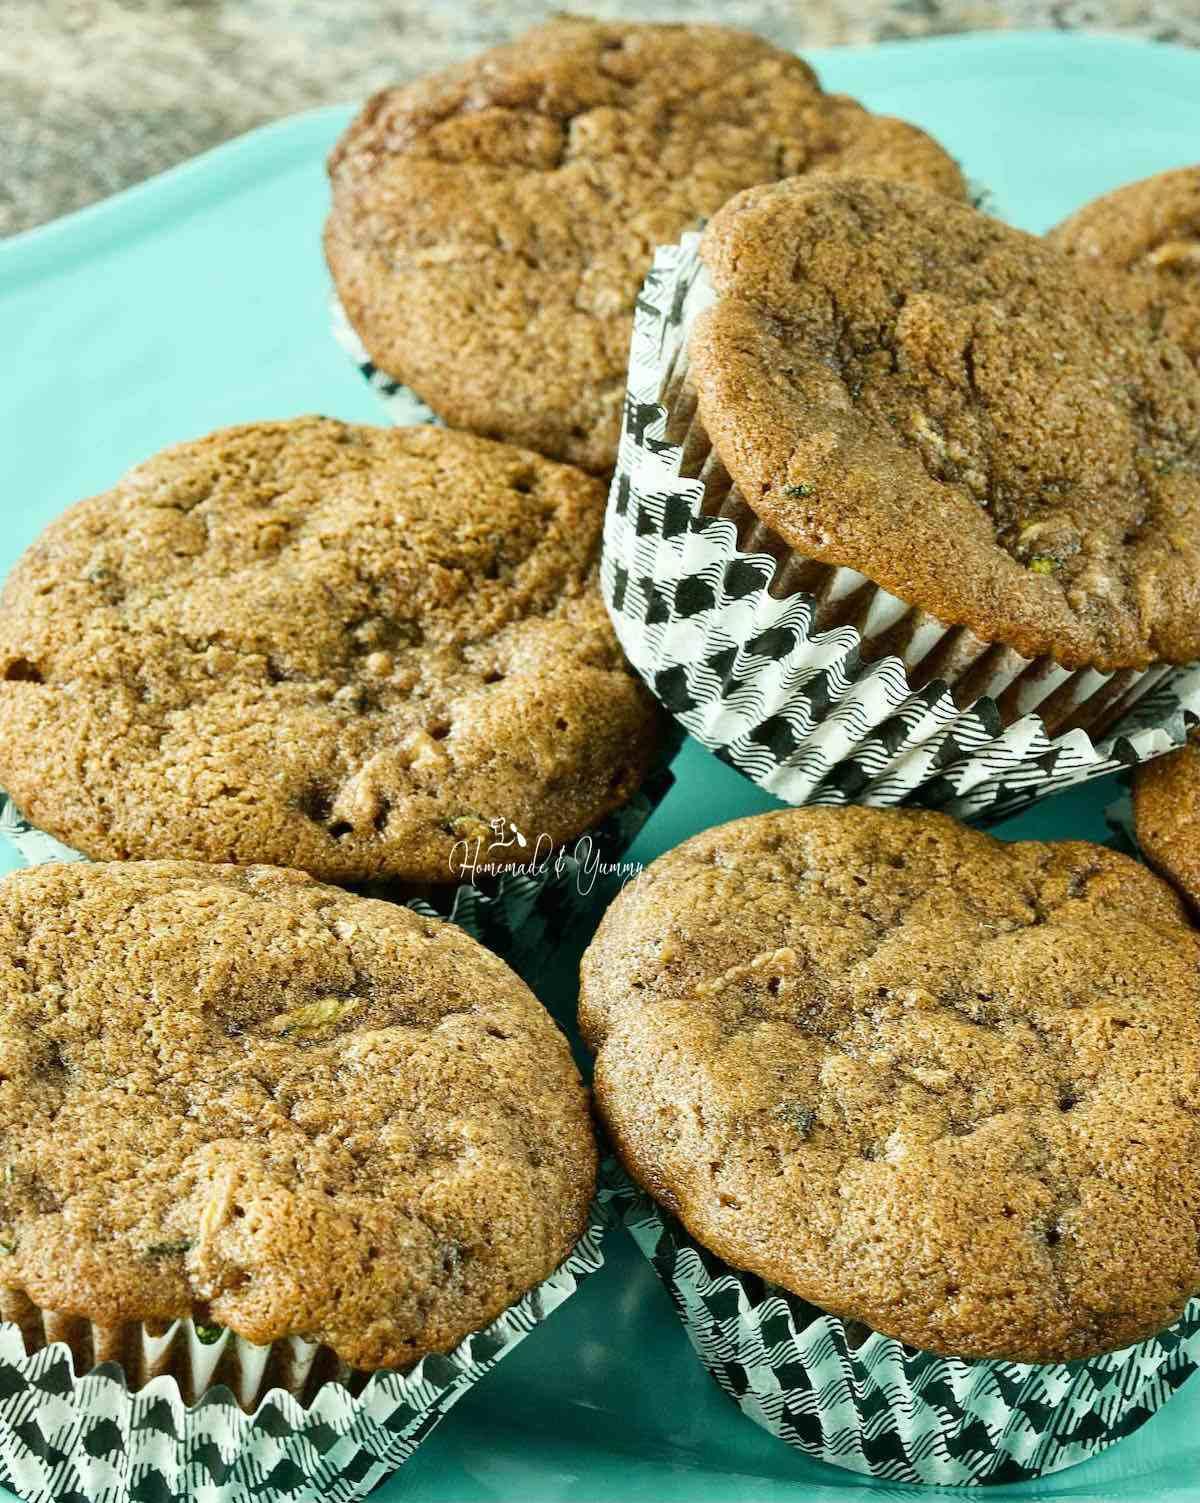 Fresh baked chocolate chip zucchini muffins.